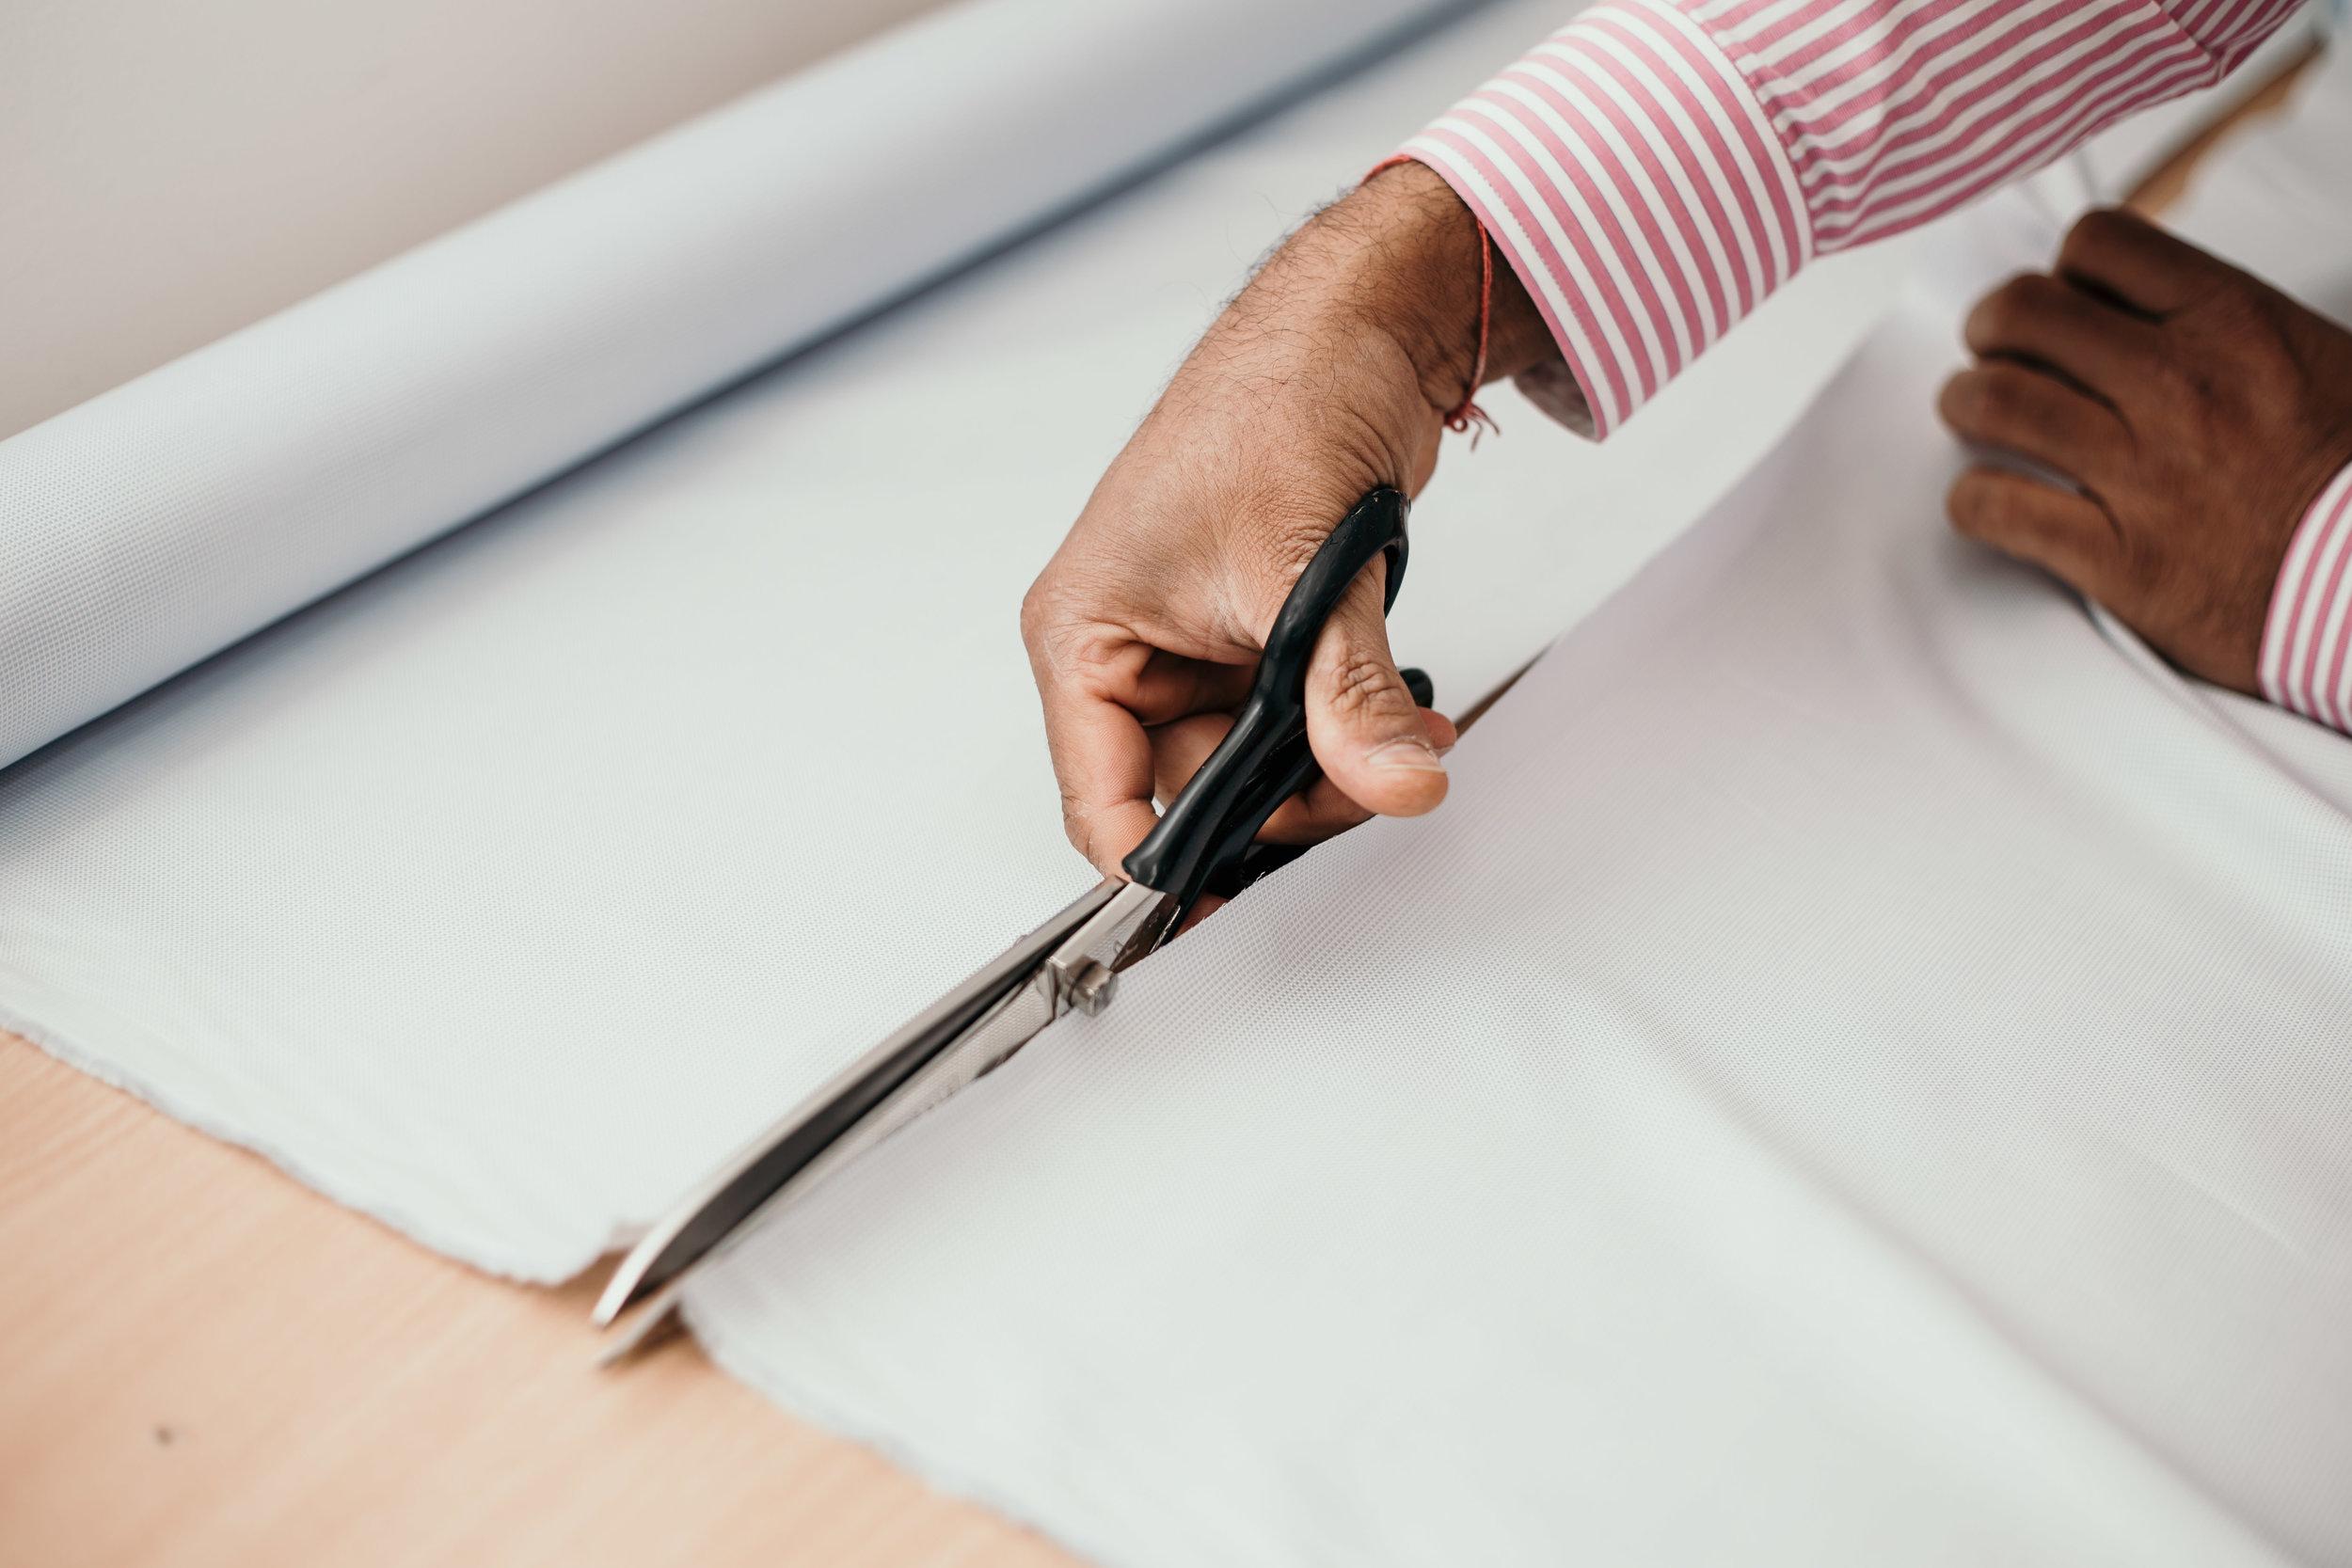 Cutting your shirt